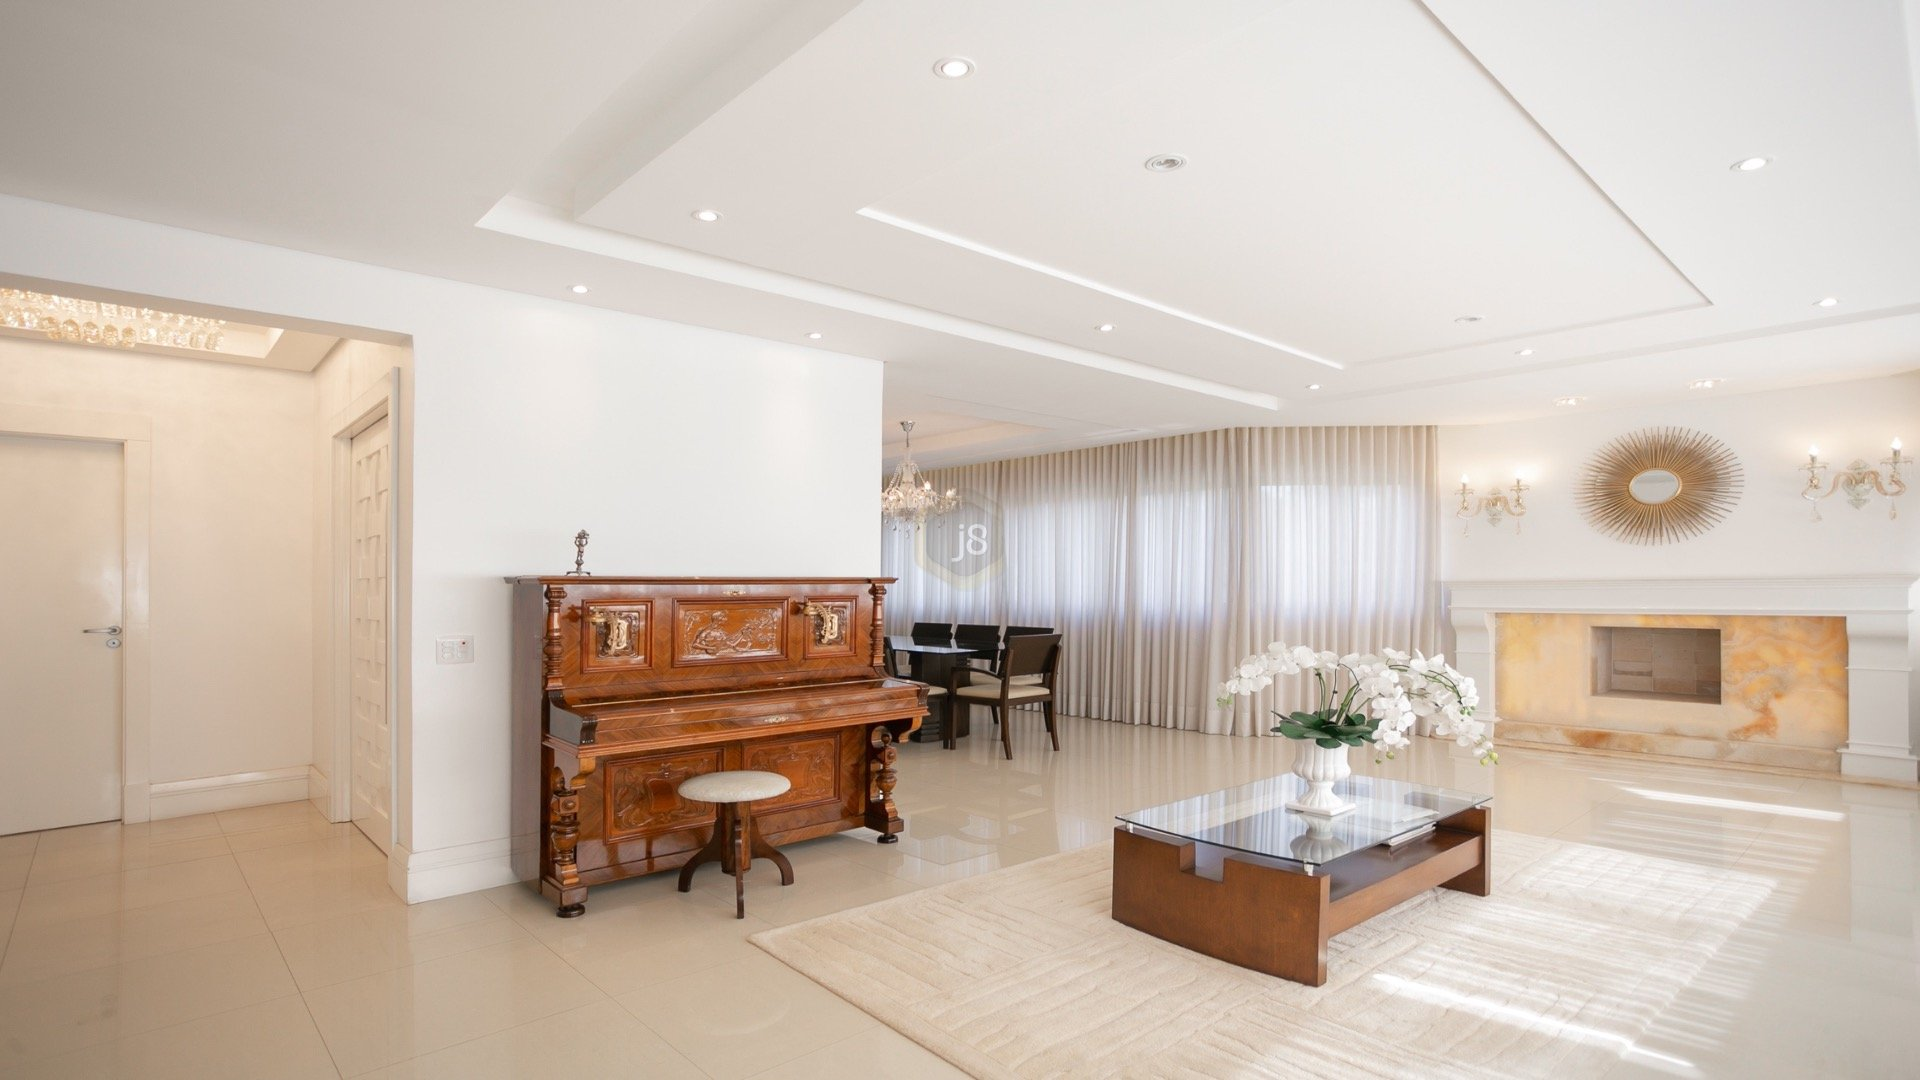 Foto de destaque Lindo apartamento  de 4 quartos no ecoville!